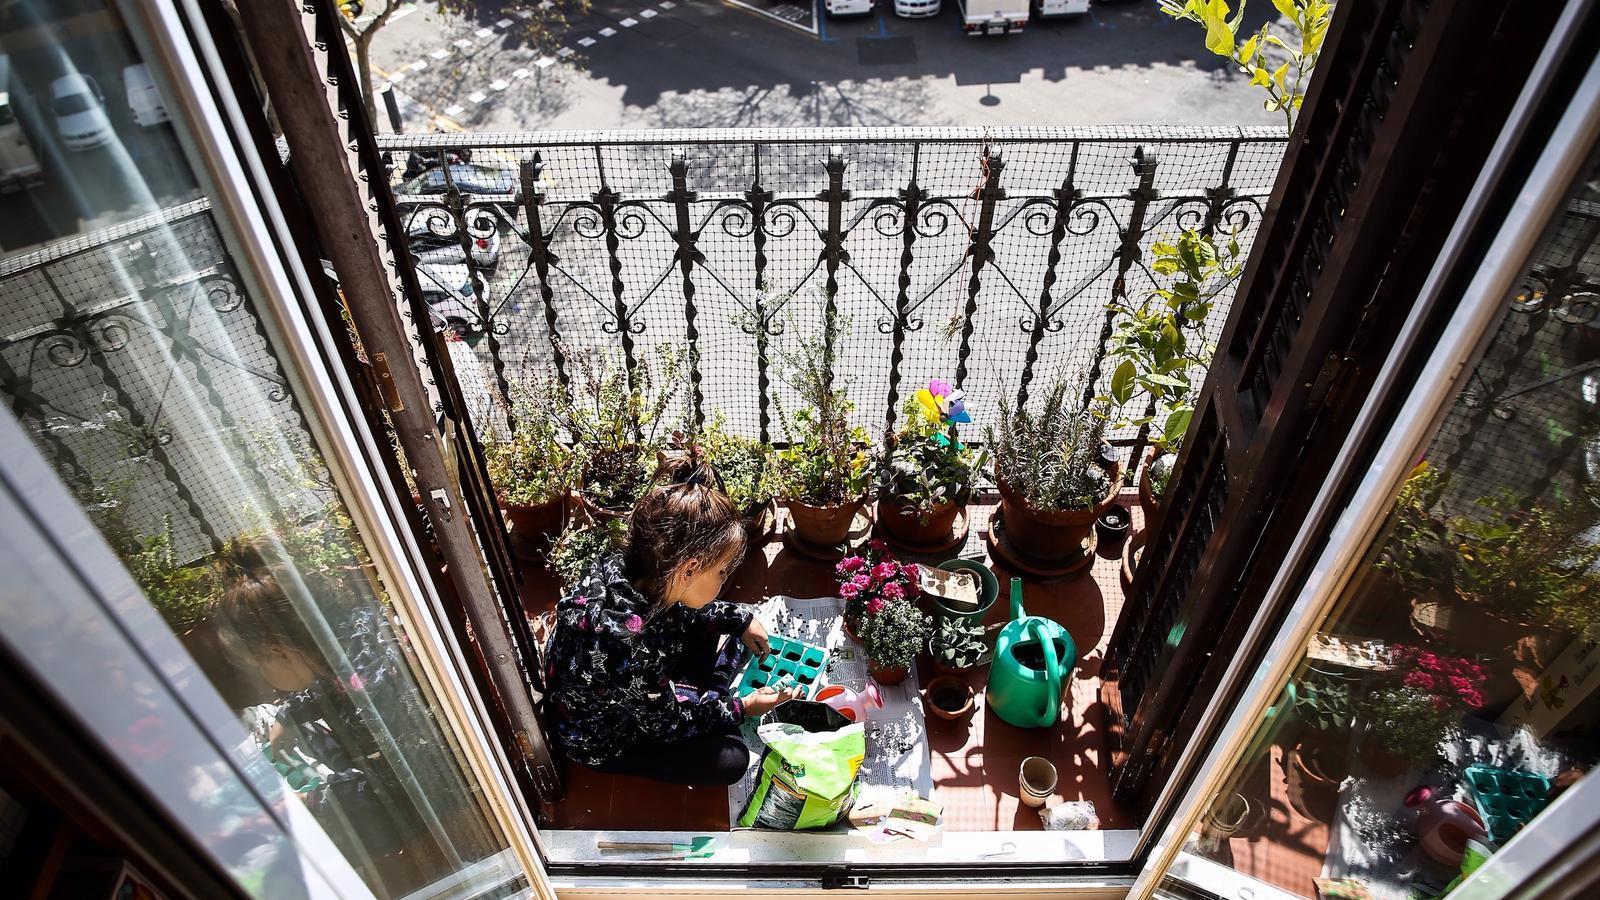 Una nena jugant amb plantes al balcó